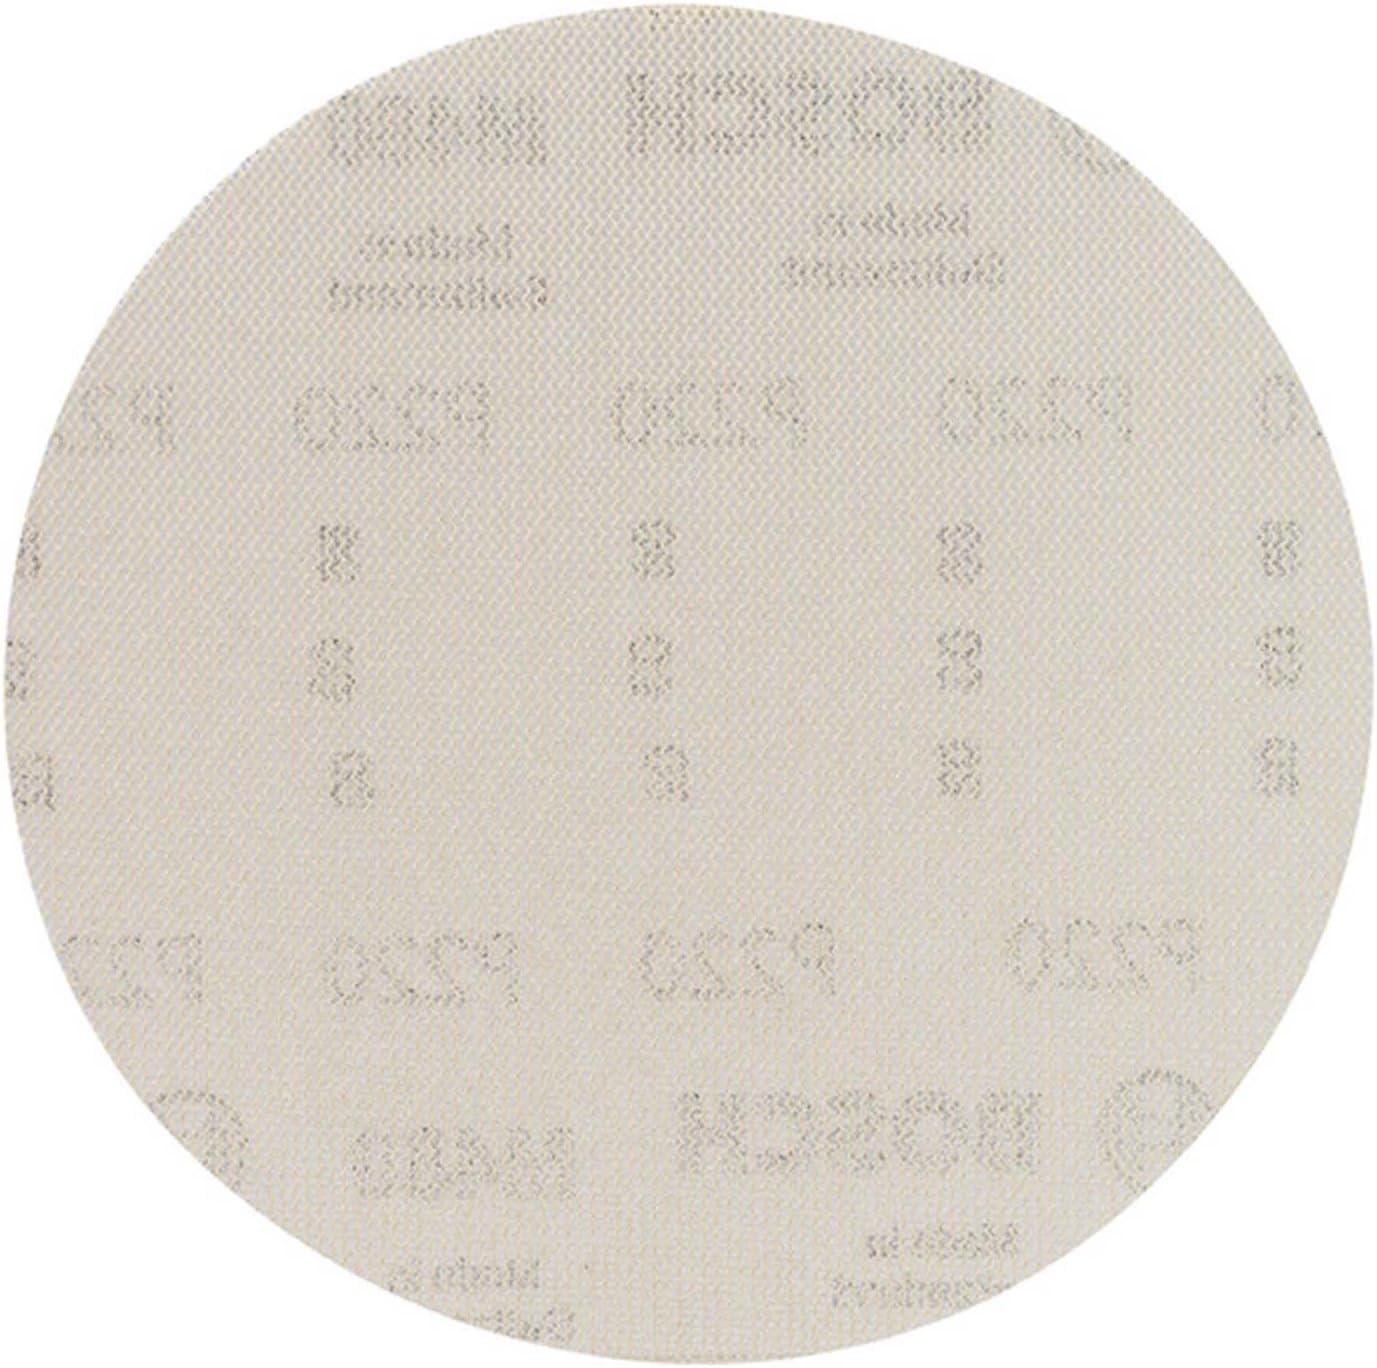 Bosch 2608621166 M480 Sanding Sheet Set of 5 Pieces 150 mm Beige